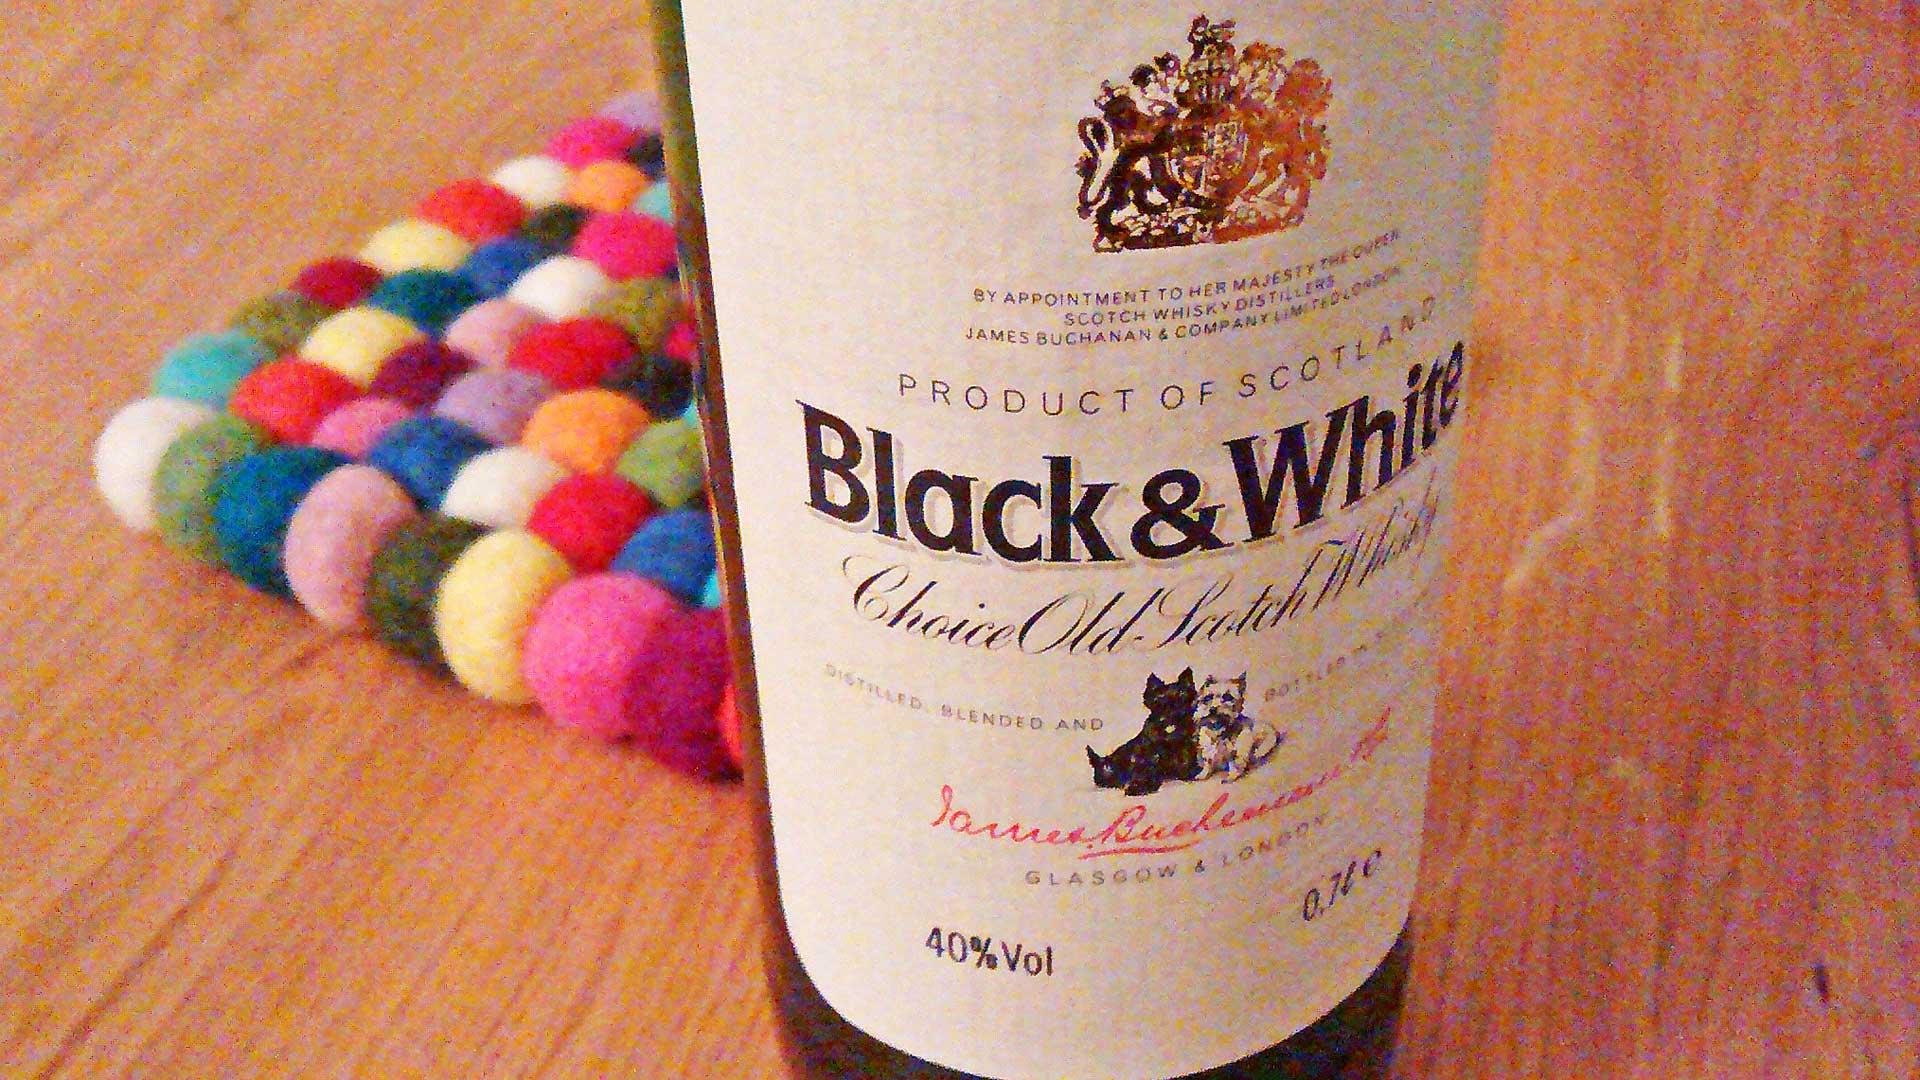 Der Black & White Scotch Whisky ist nun auch bei Aldi-Nord zu haben. (Foto: Malt Whisky)